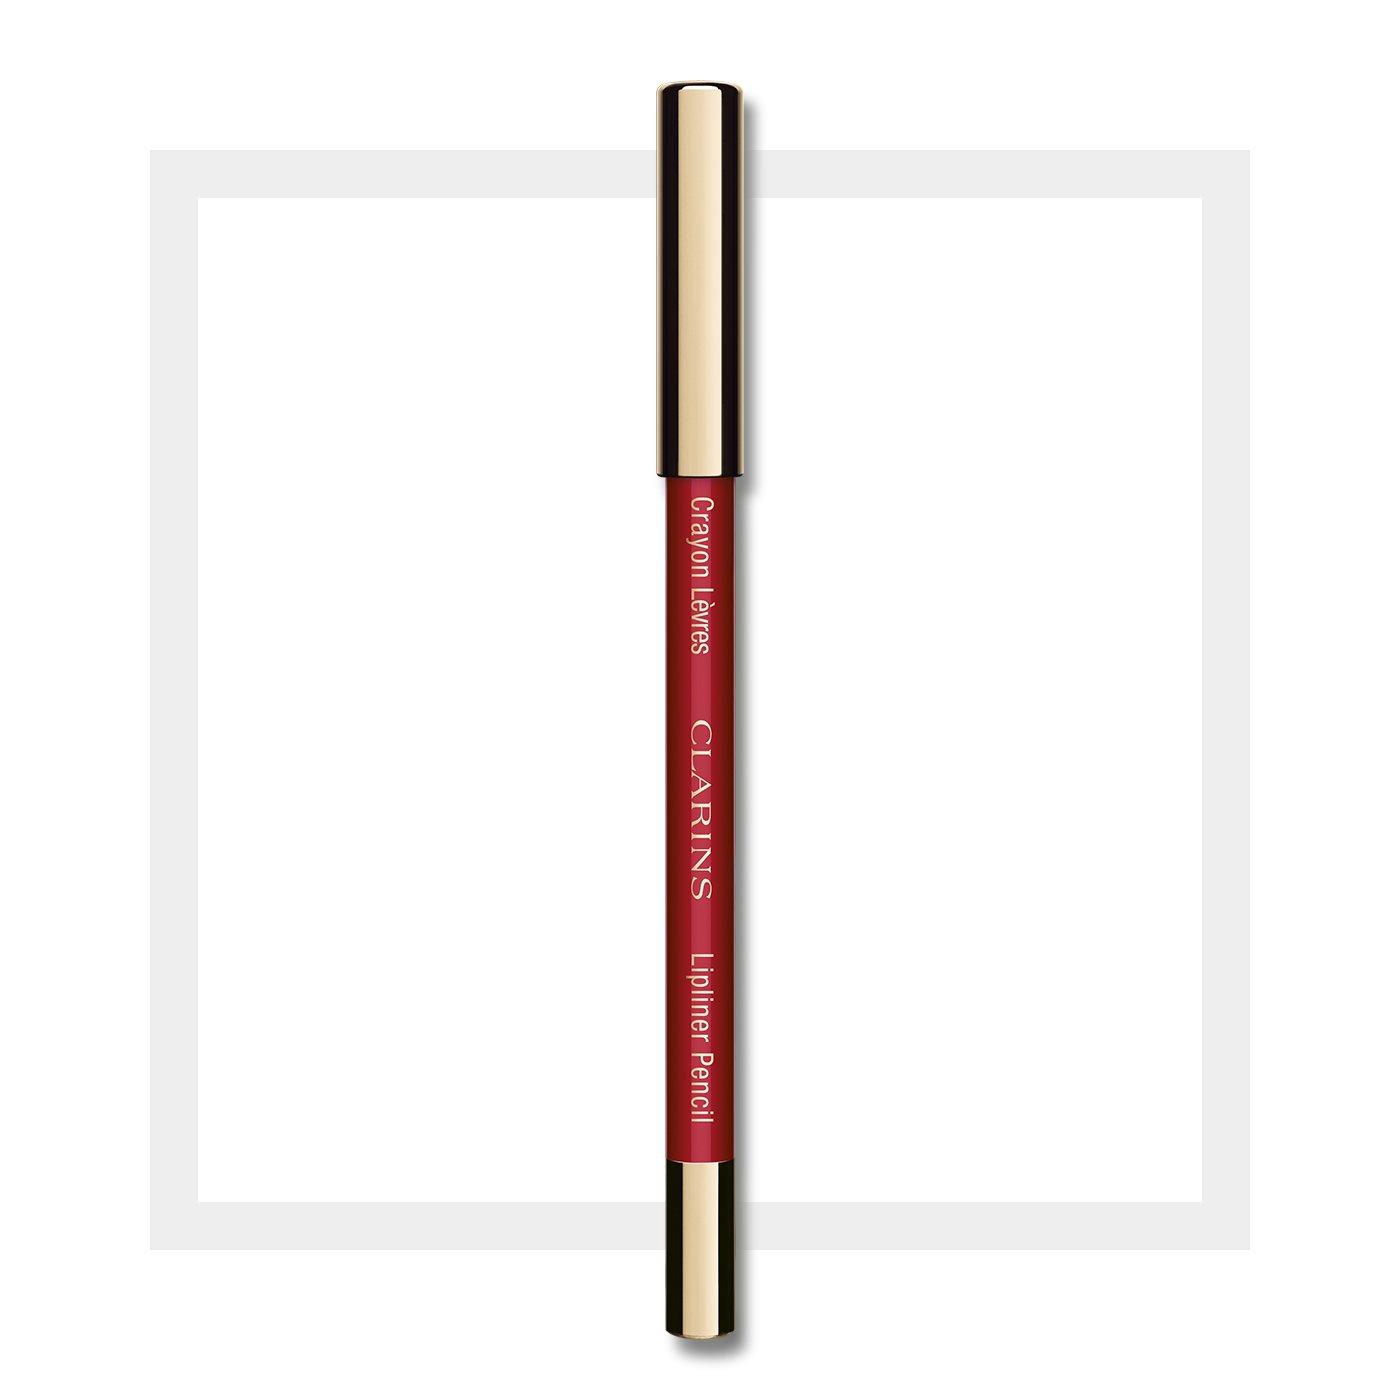 Clarins Crayon Lèvres, 06 Red 3380810156805